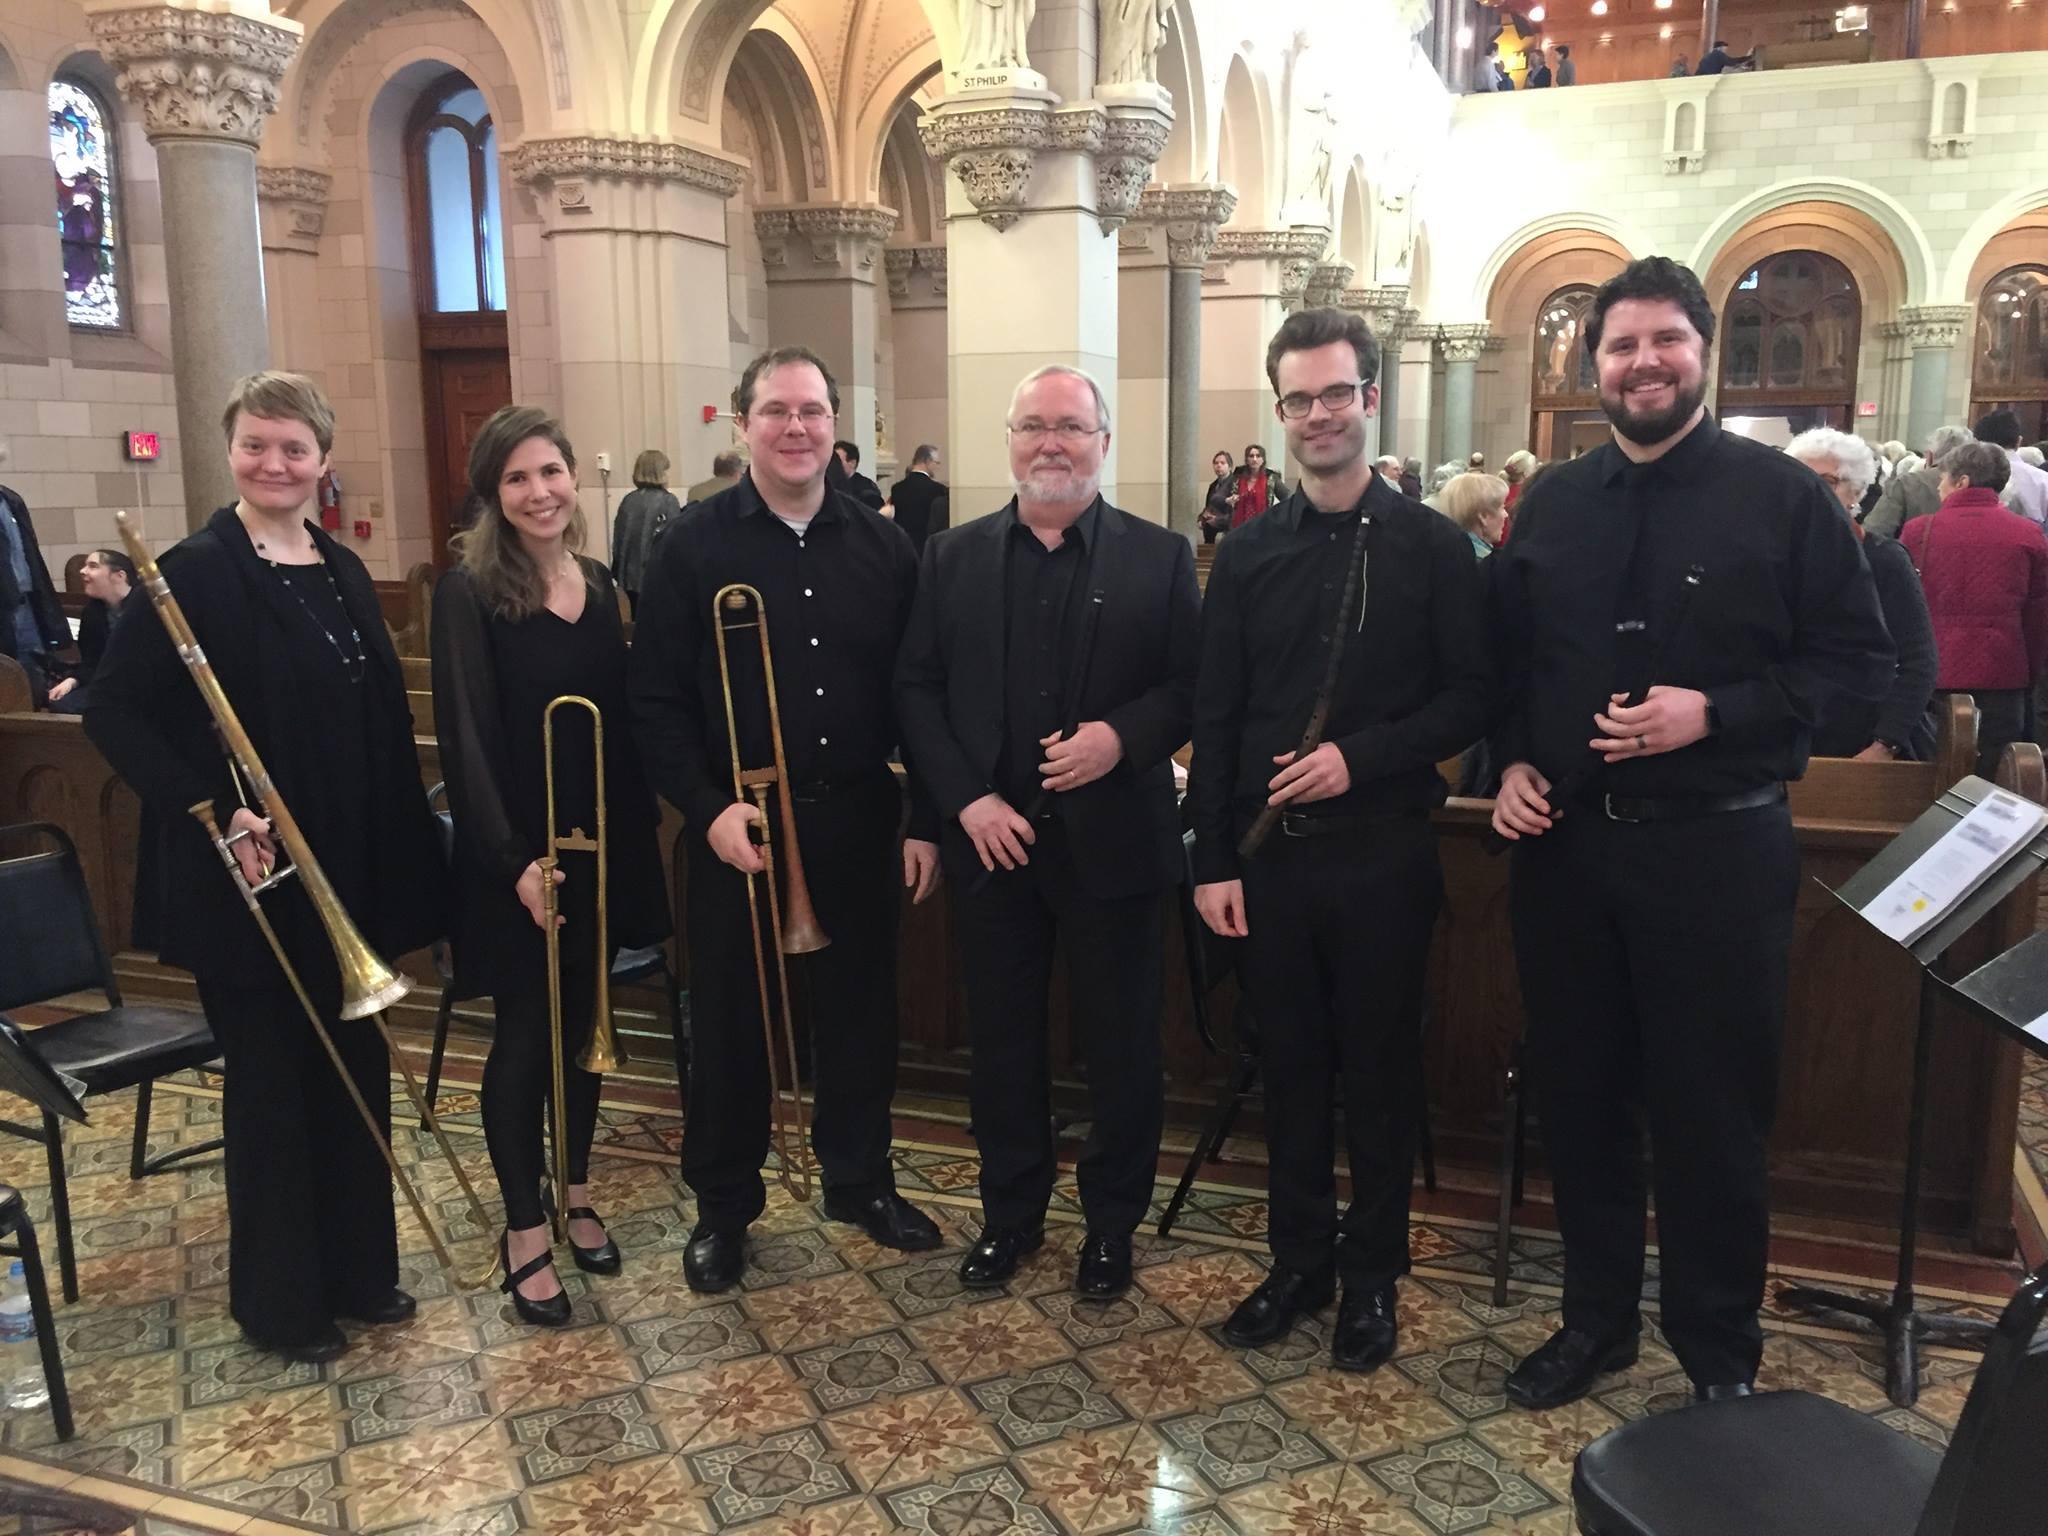 The brass section for Monteverdi's Vespers in Chicago